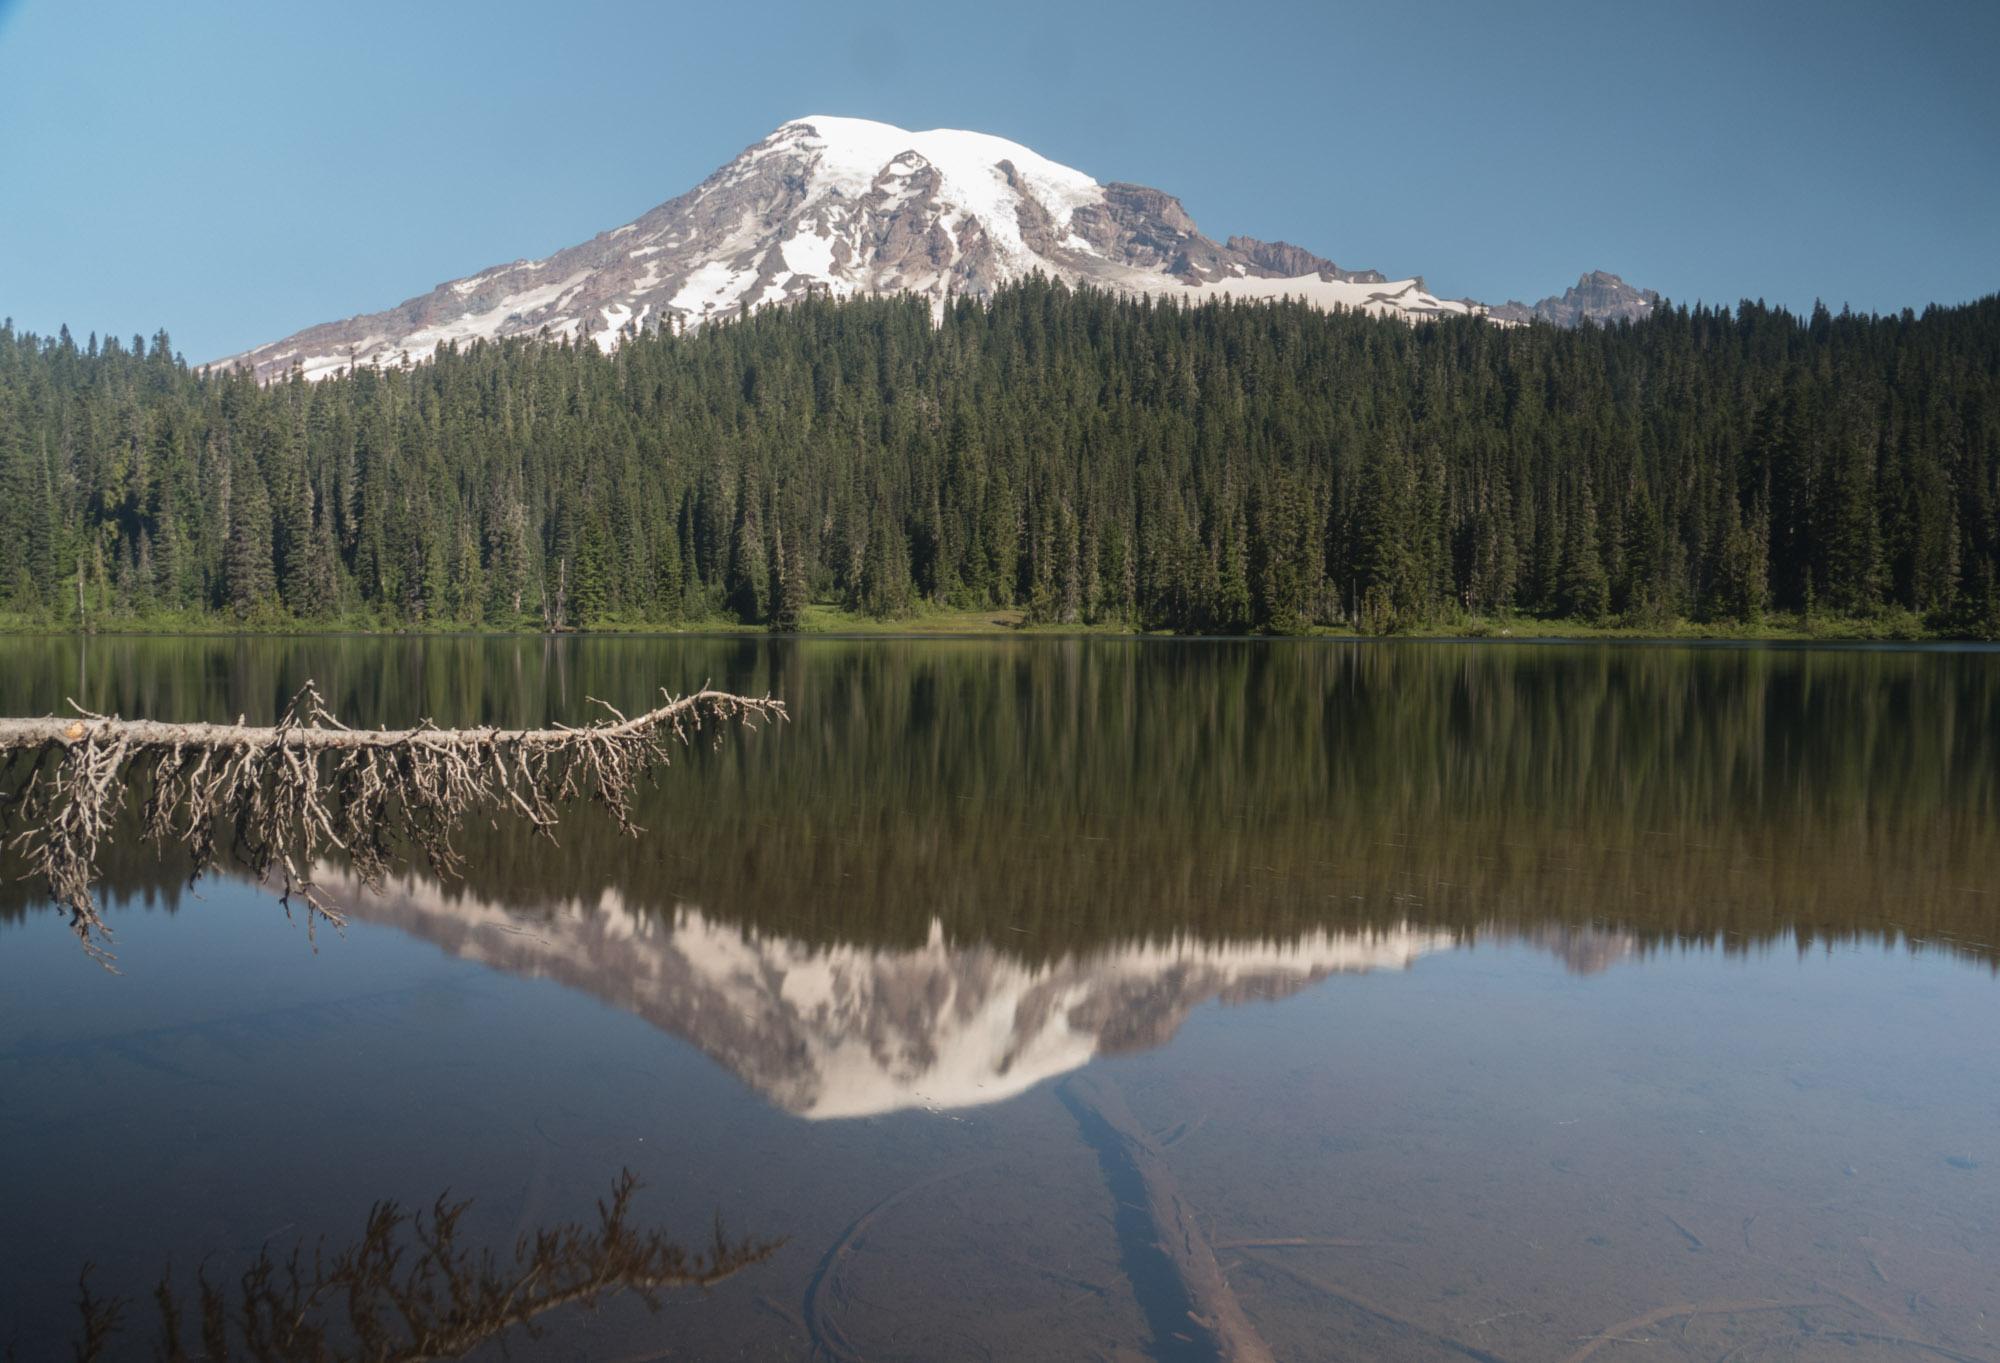 Mt. Ranier at Reflection Lakes